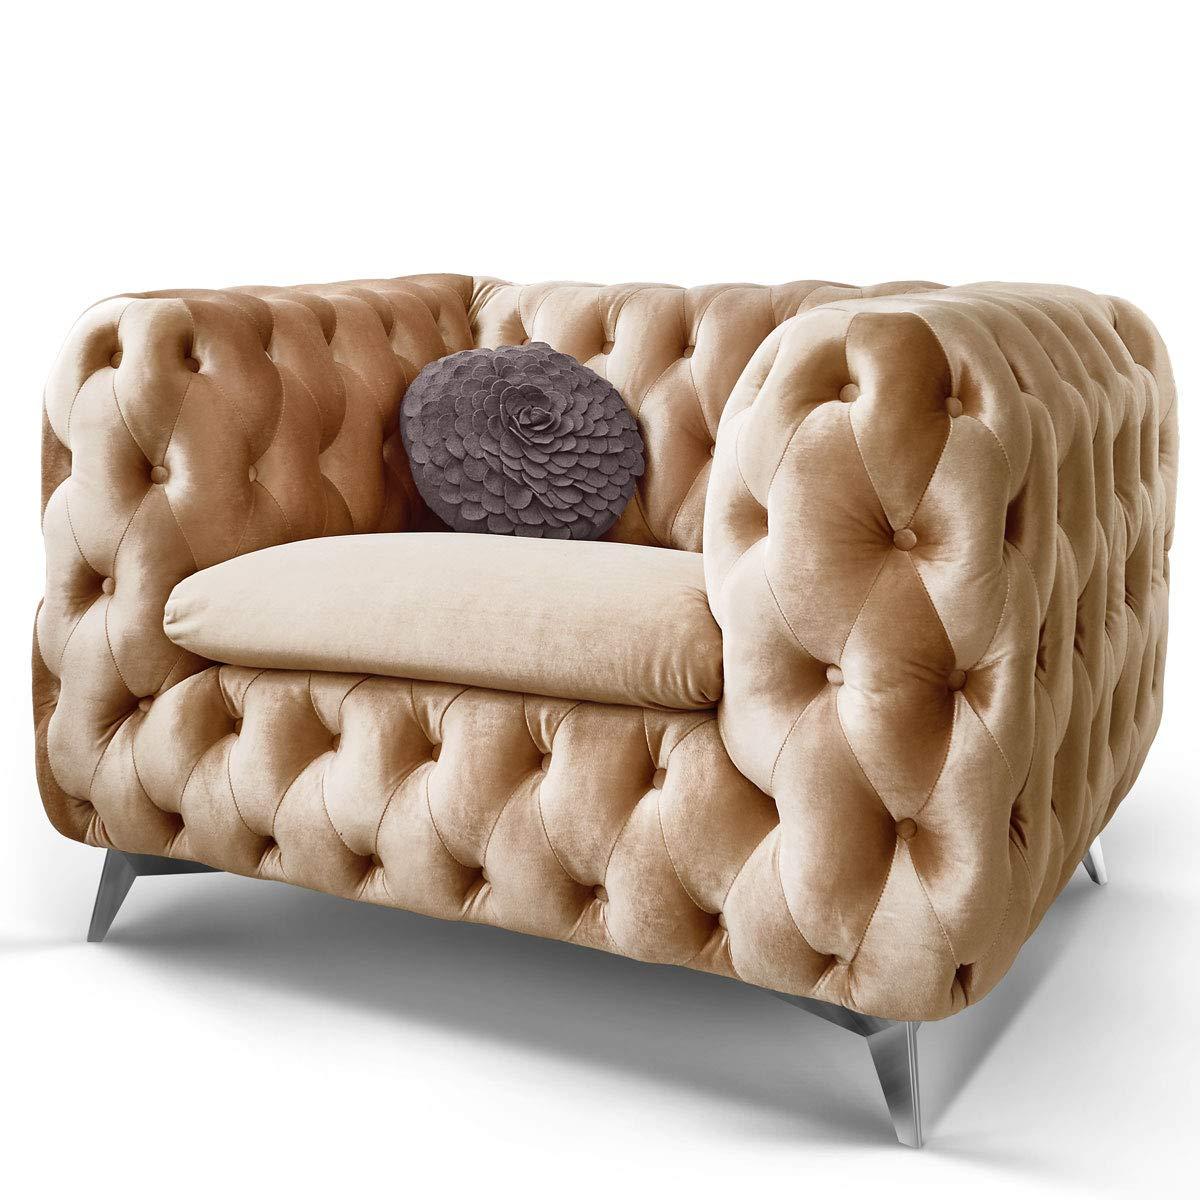 Chesterfield Sofa Couch Stoff Samt 3 Sitzer 2 Sitzer Sessel 1 Sitzer Designer Möbel Emma (1-Sitzer, Beige) 1